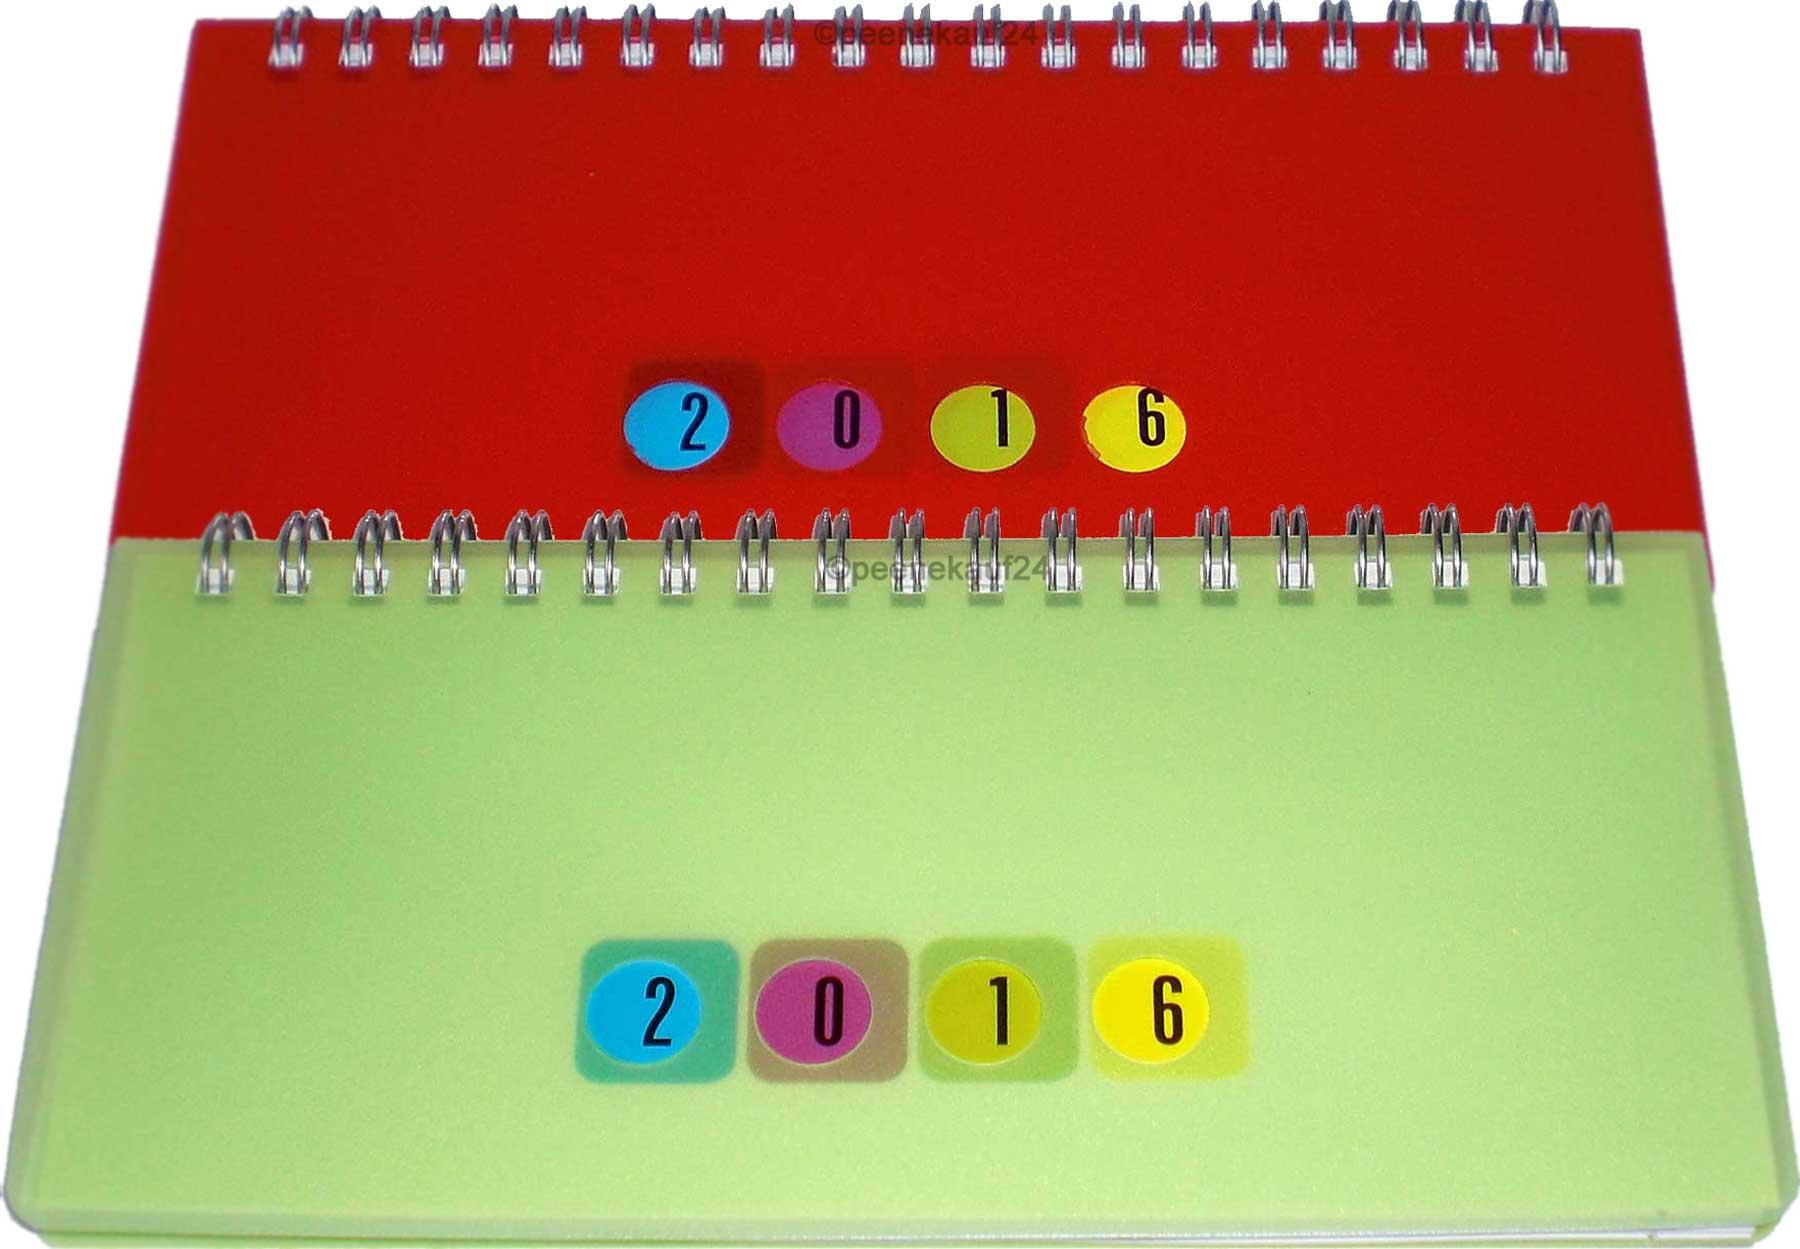 Schreibtischkalender celebration mini 17 5 x 8 5 cm 2016 1 for Schreibtisch querkalender